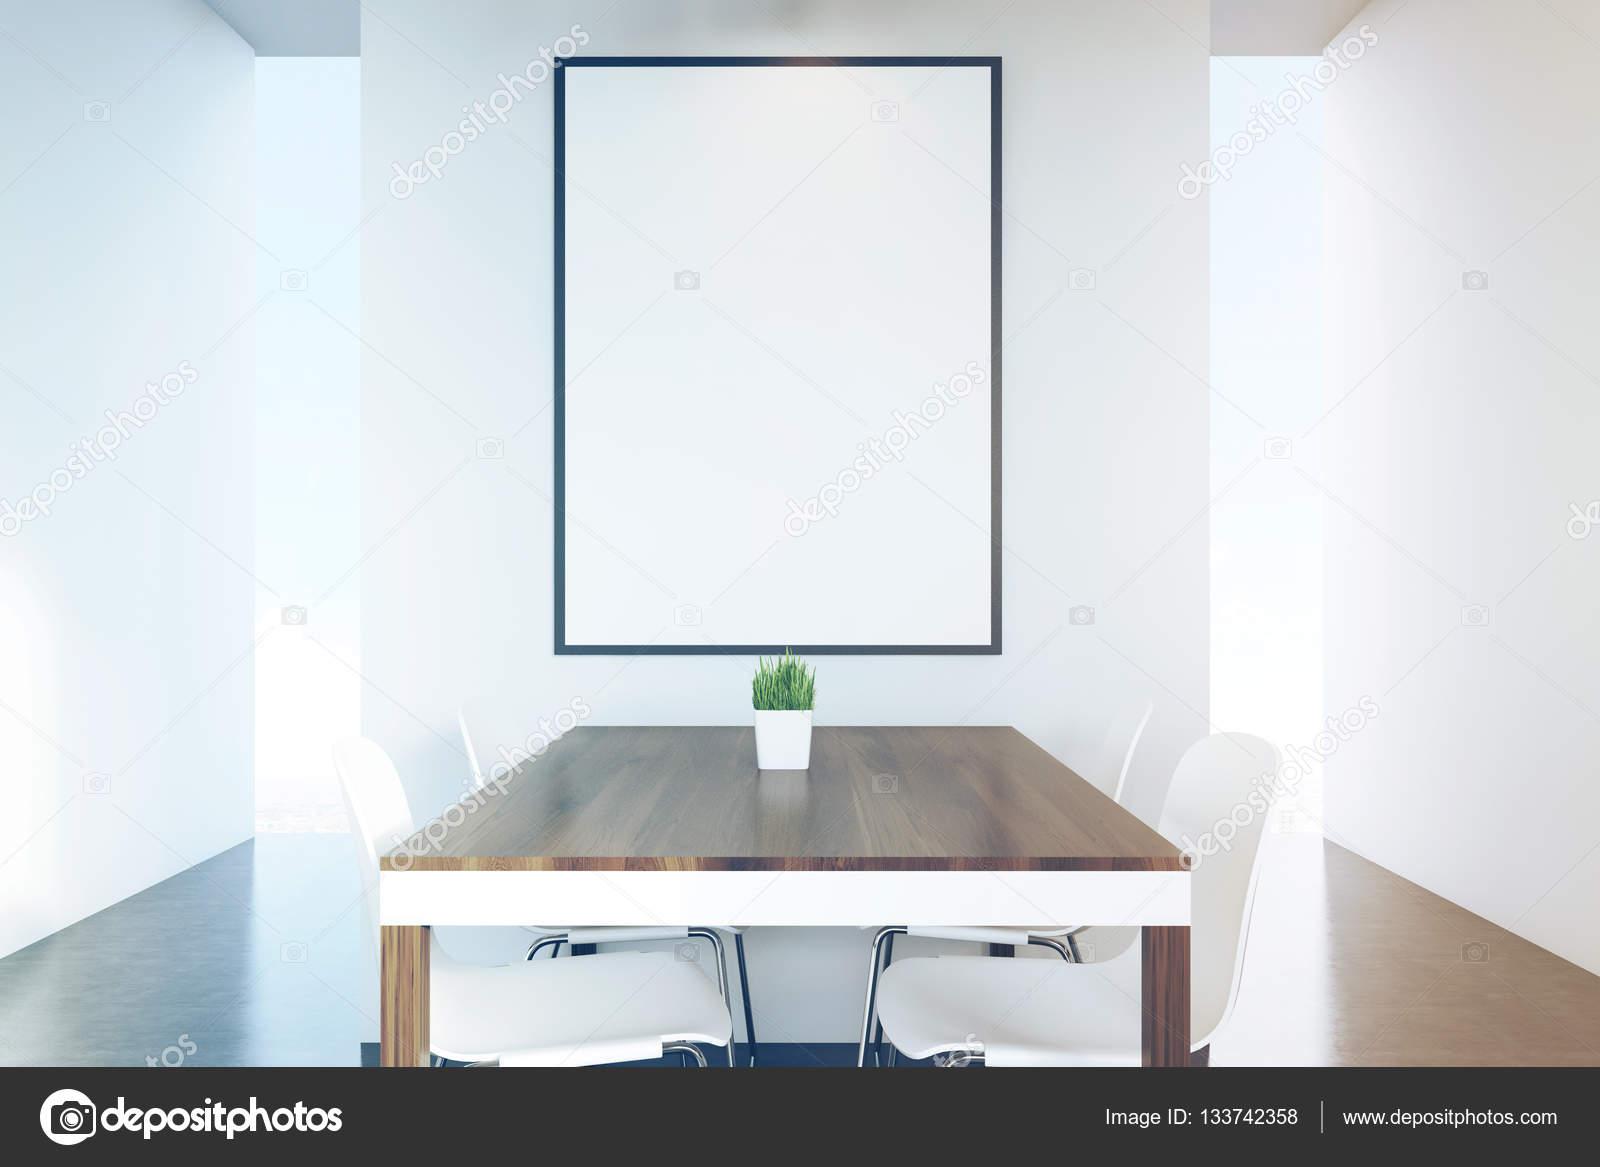 Nahaufnahme von dunklen Holz Küchentisch, Plakat, getönt — Stockfoto ...